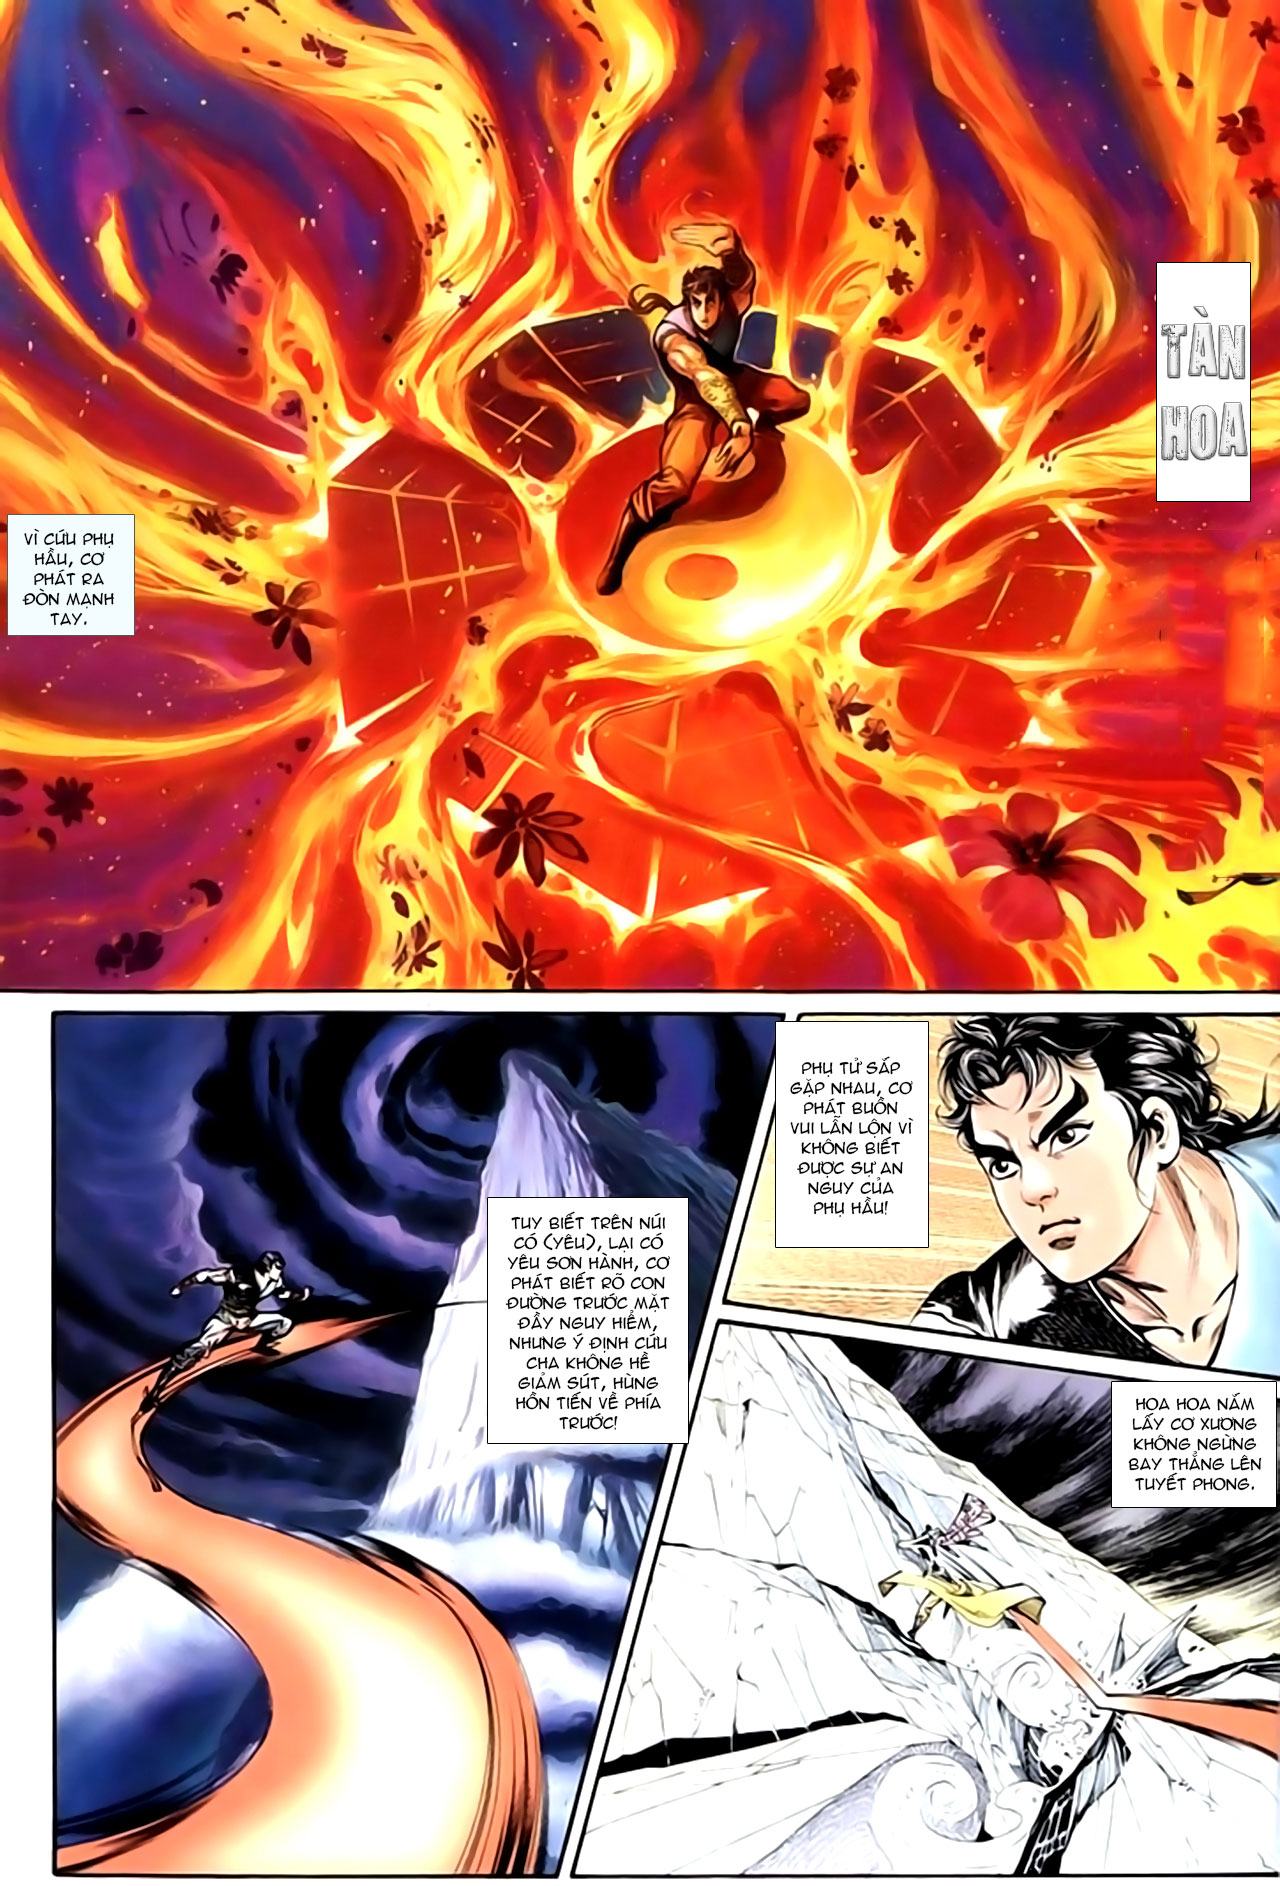 Cơ Phát Khai Chu Bản chapter 143 trang 3